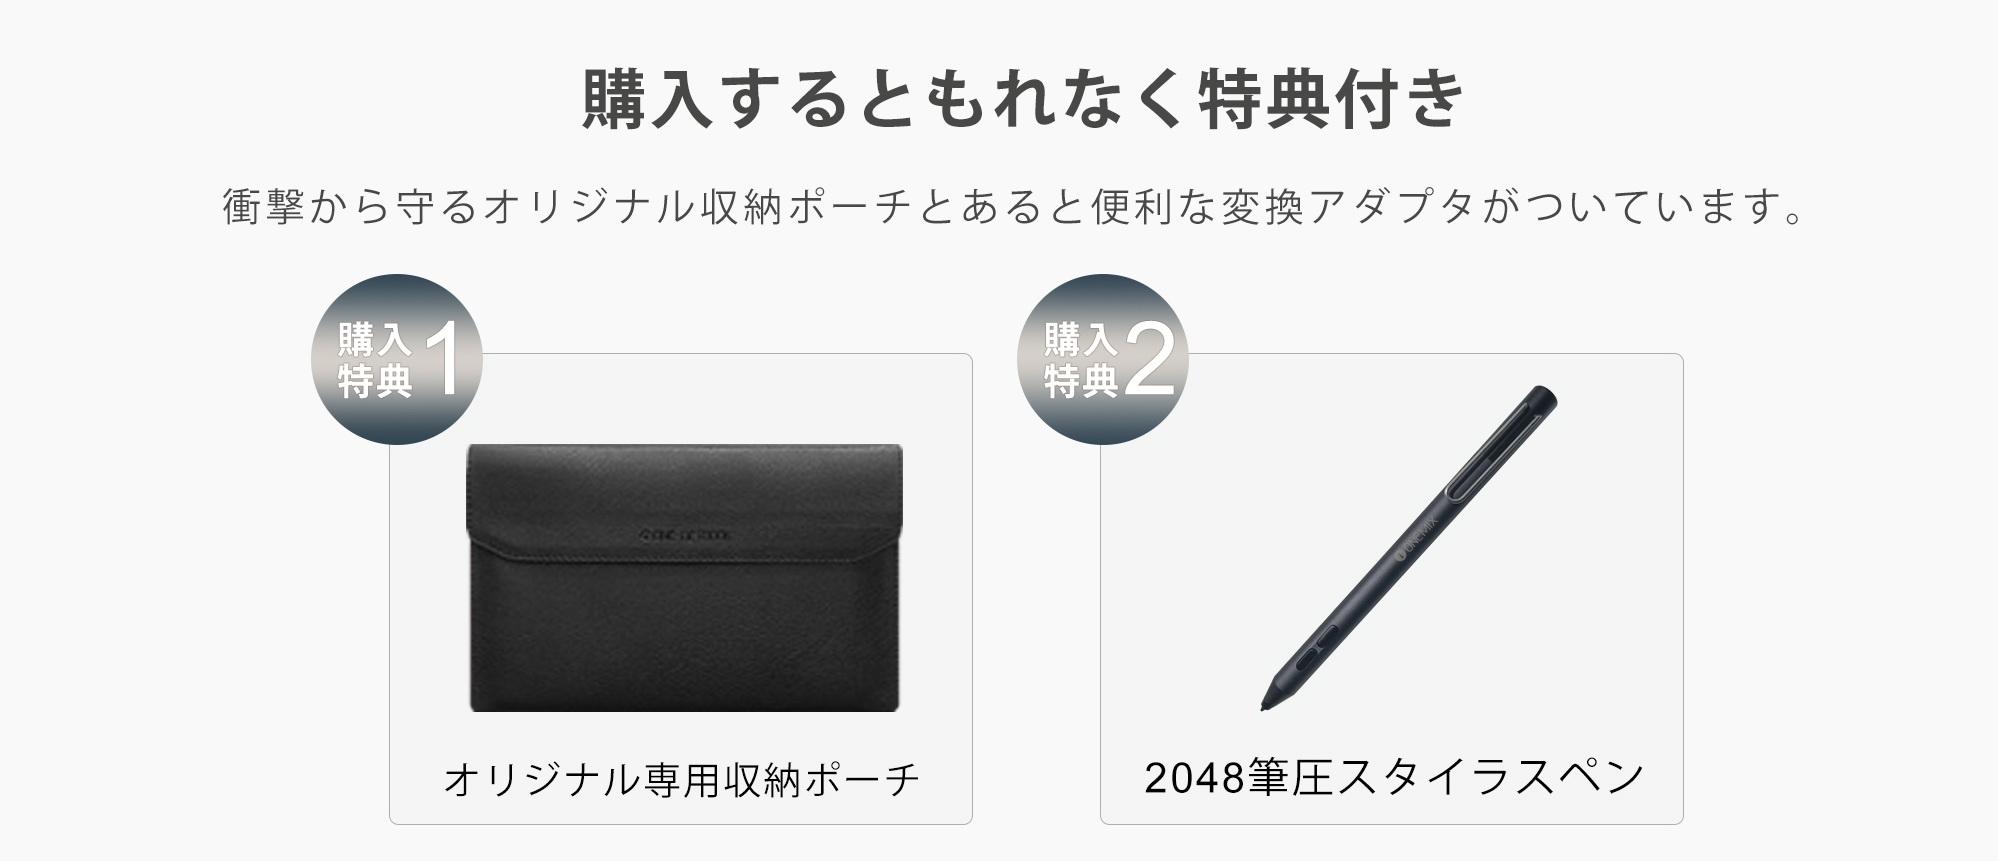 OneMix4 日本版